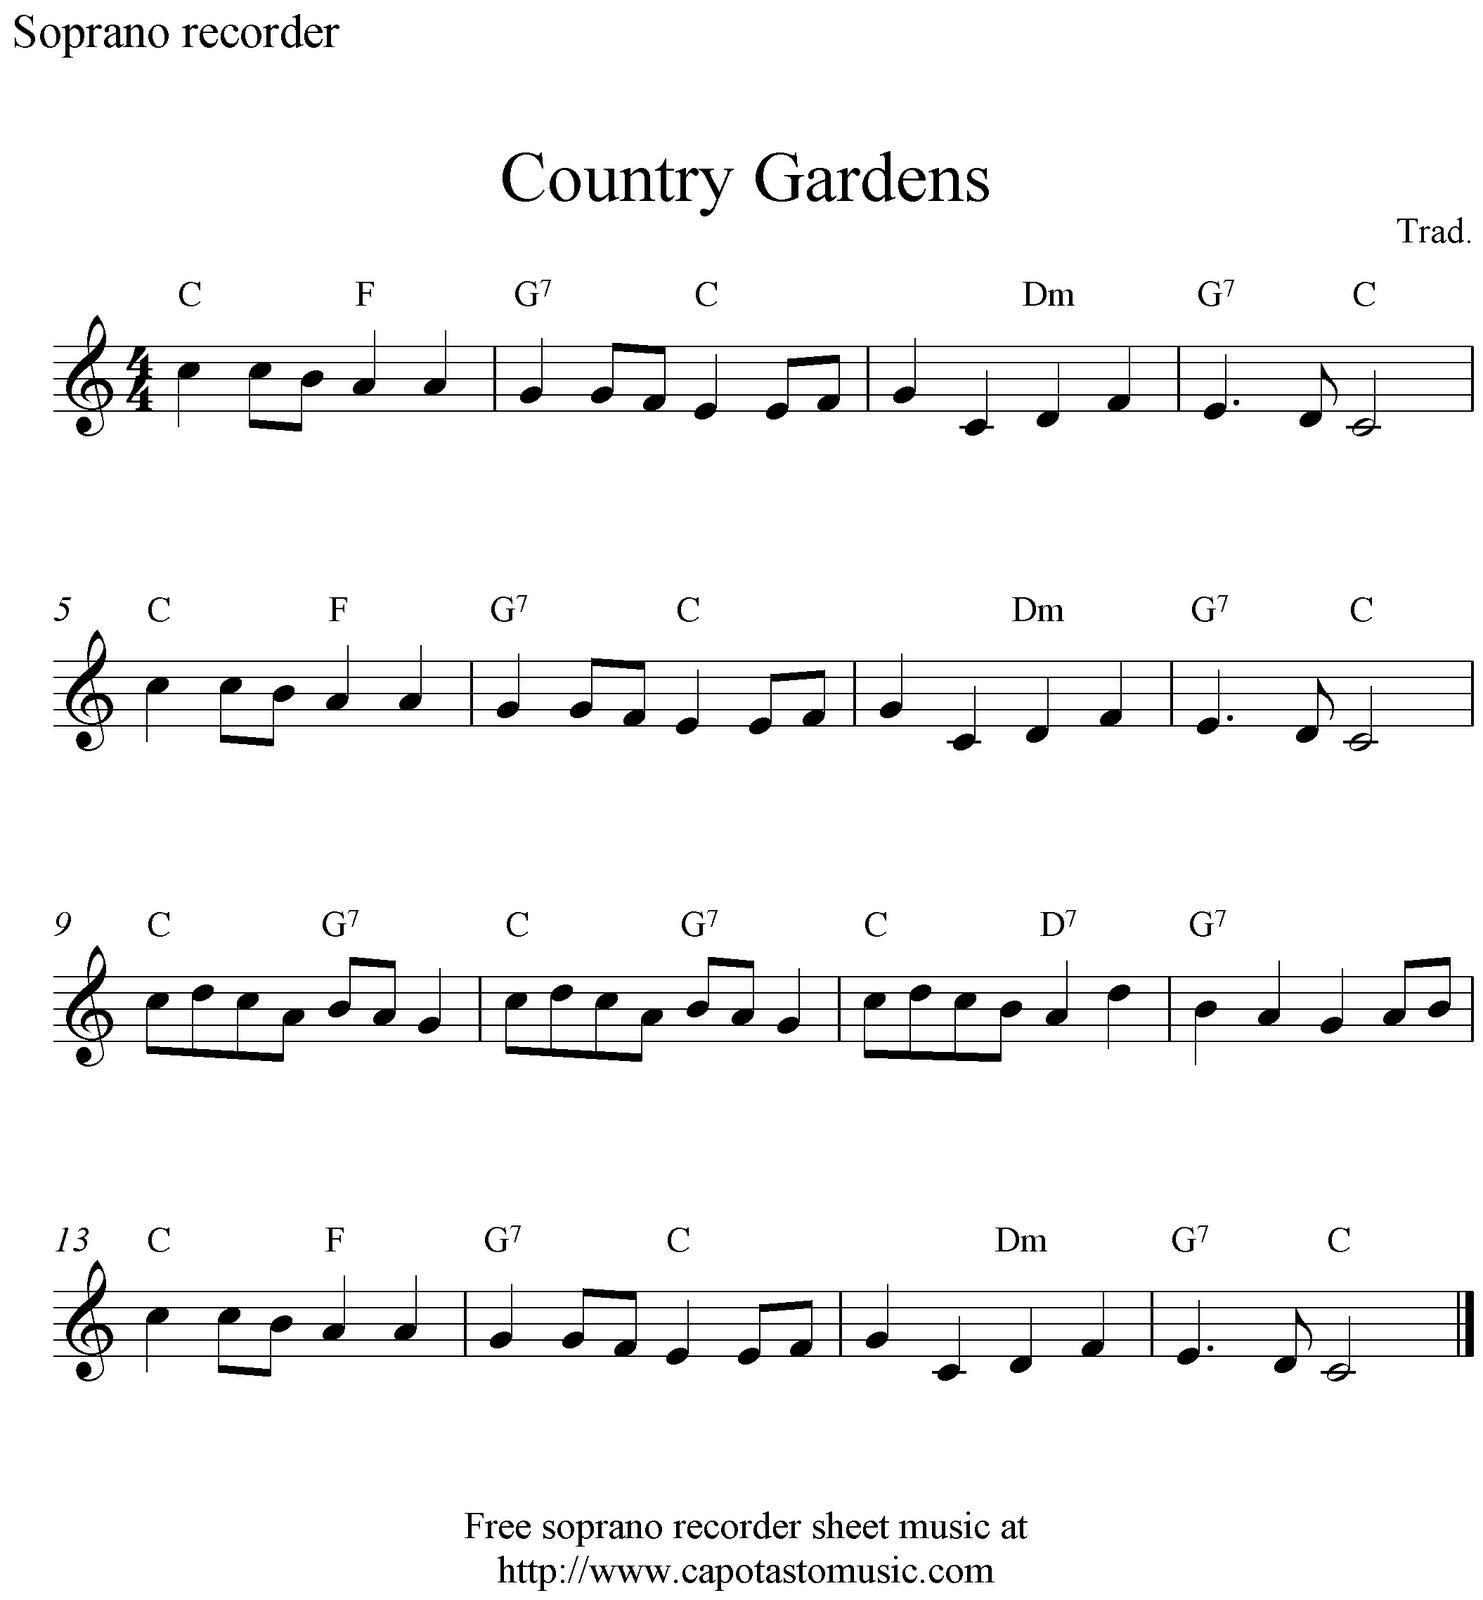 Greensleeves Lyrics And Sheet Music: Free Soprano Recorder Sheet Music, Country Gardens